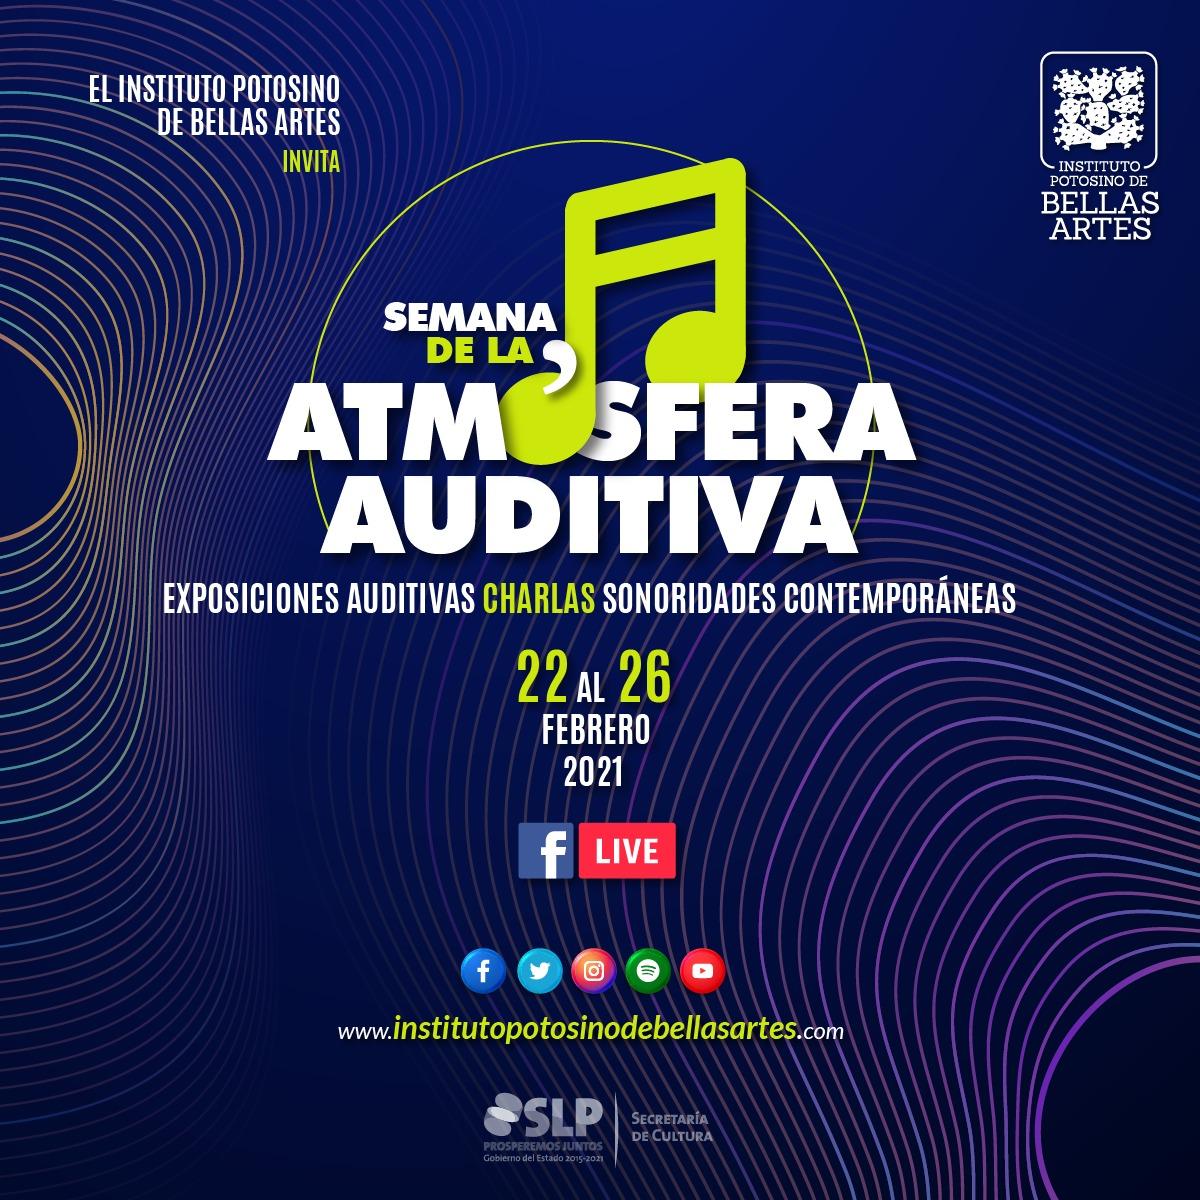 Semana de la Atmósfera Auditiva en el IPBA